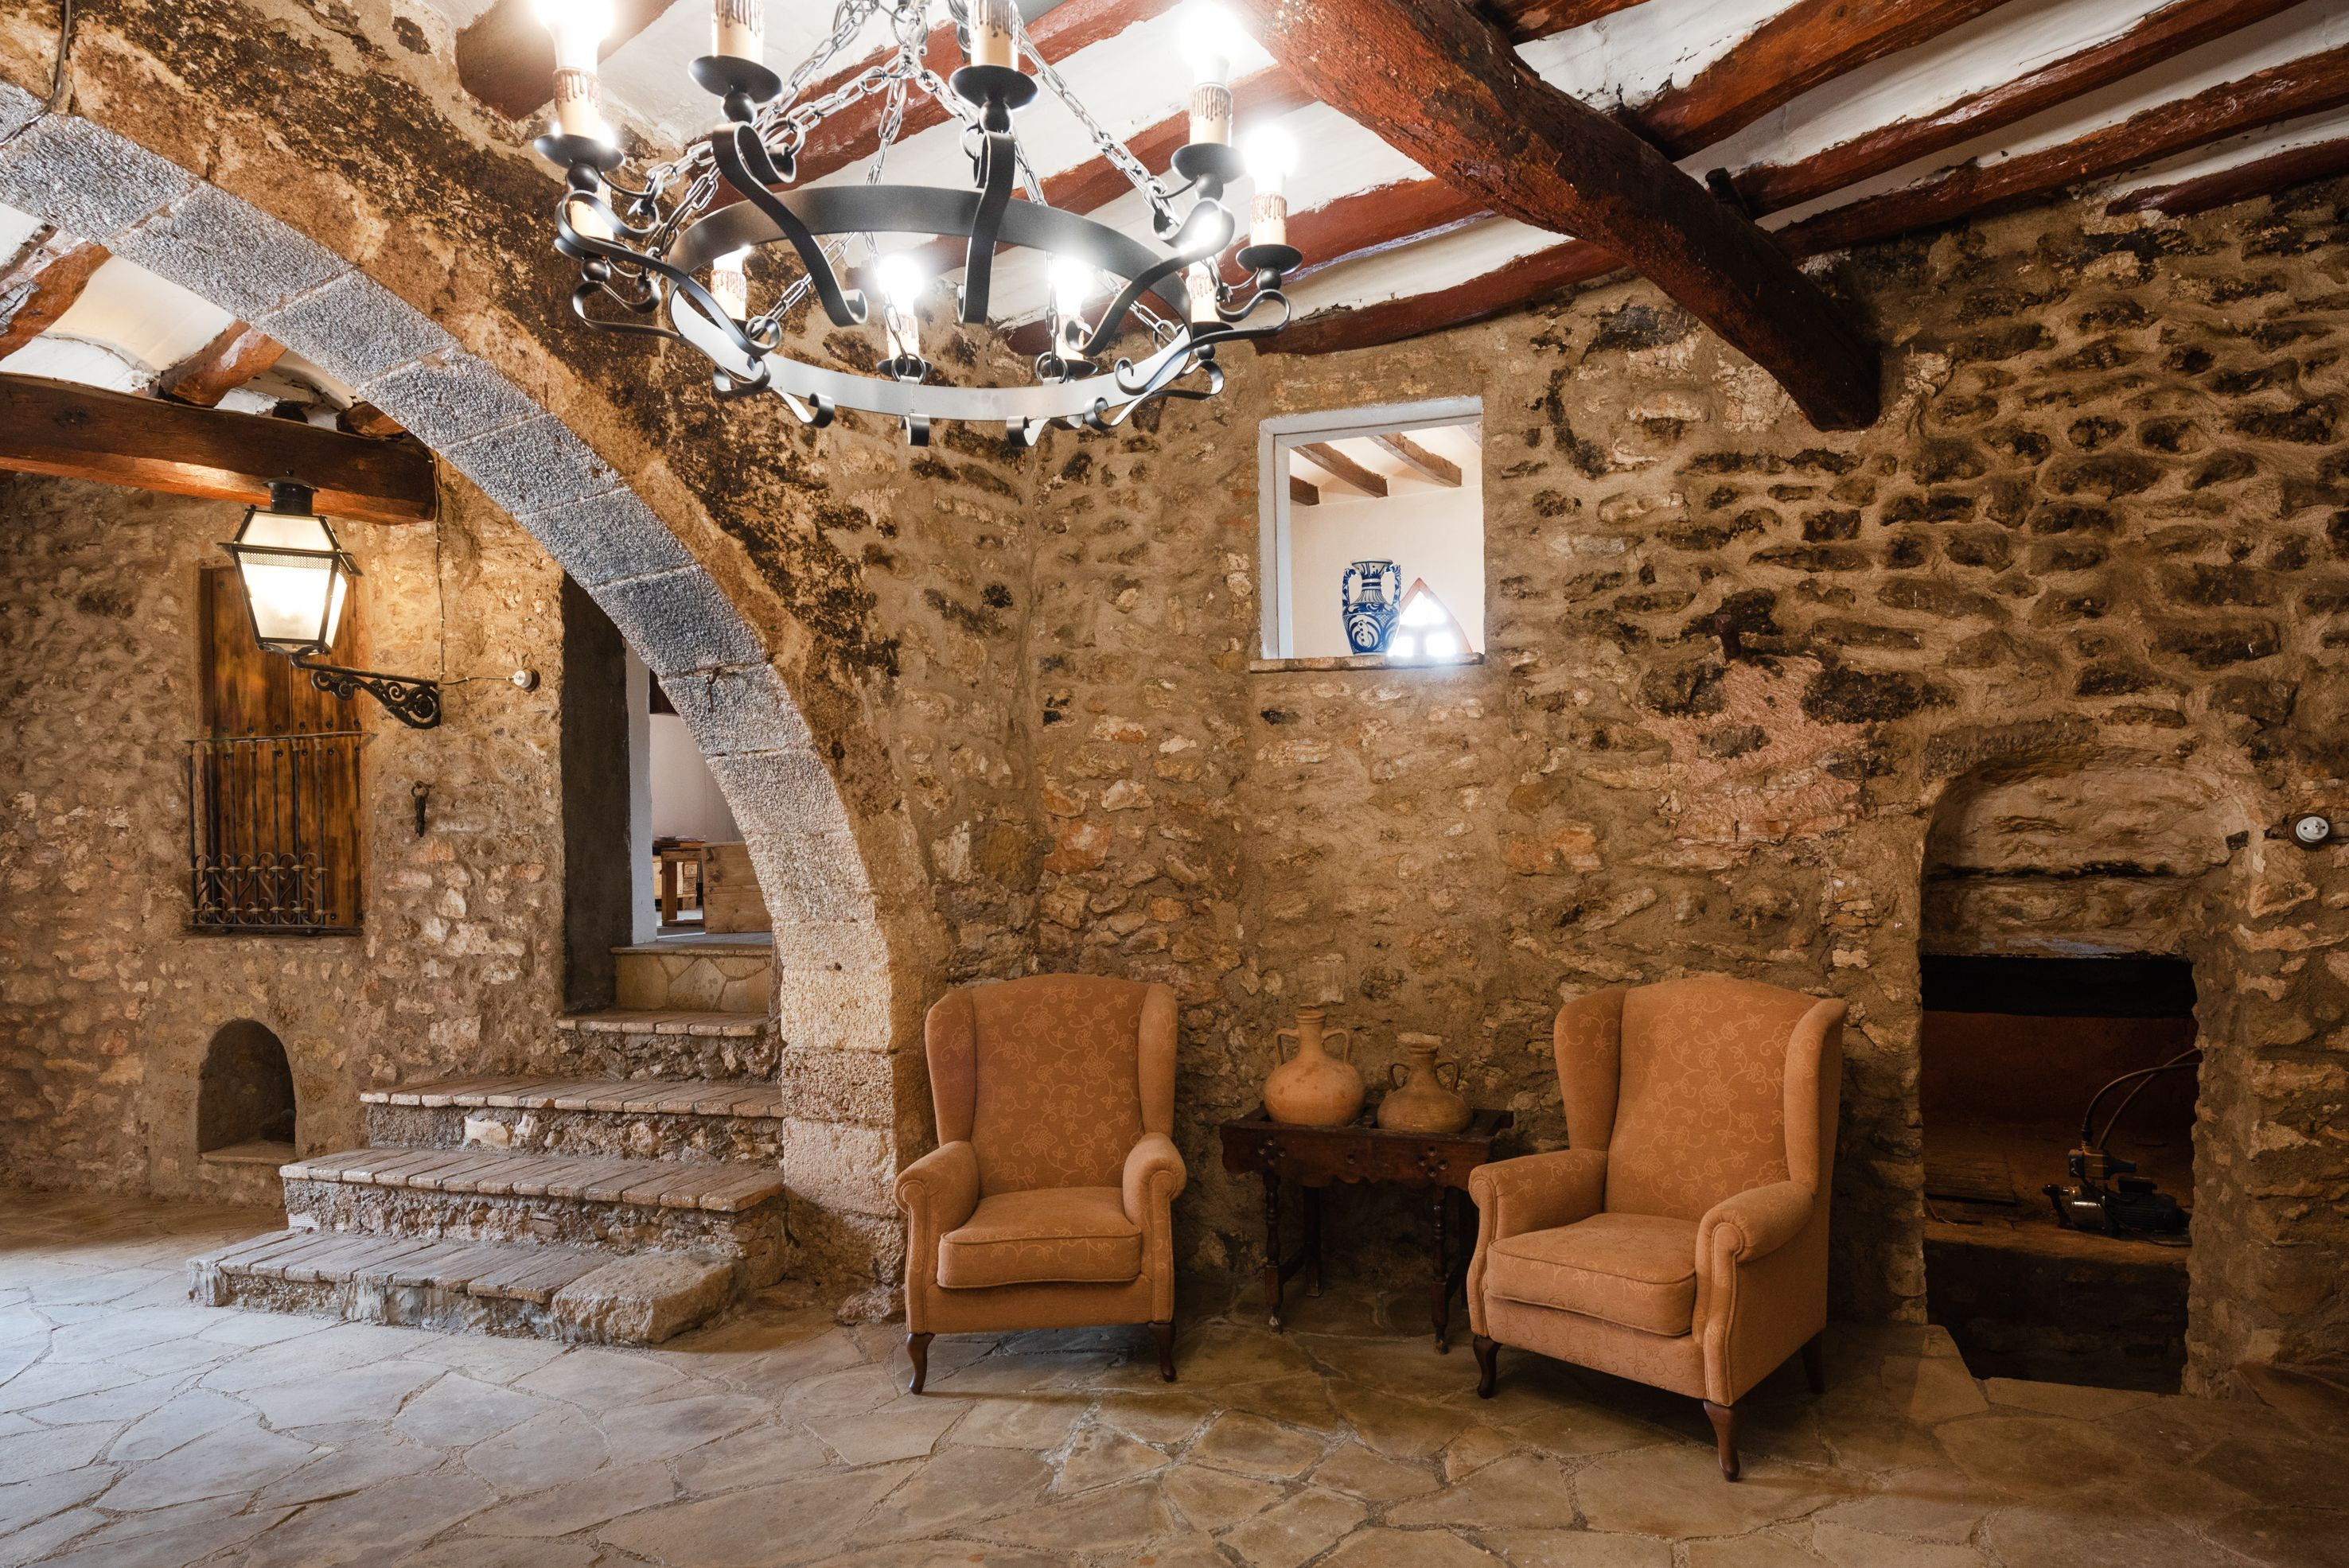 Foto 89 de Alquiler de casa rural en El Catllar | Masía Más d'en Tarrés